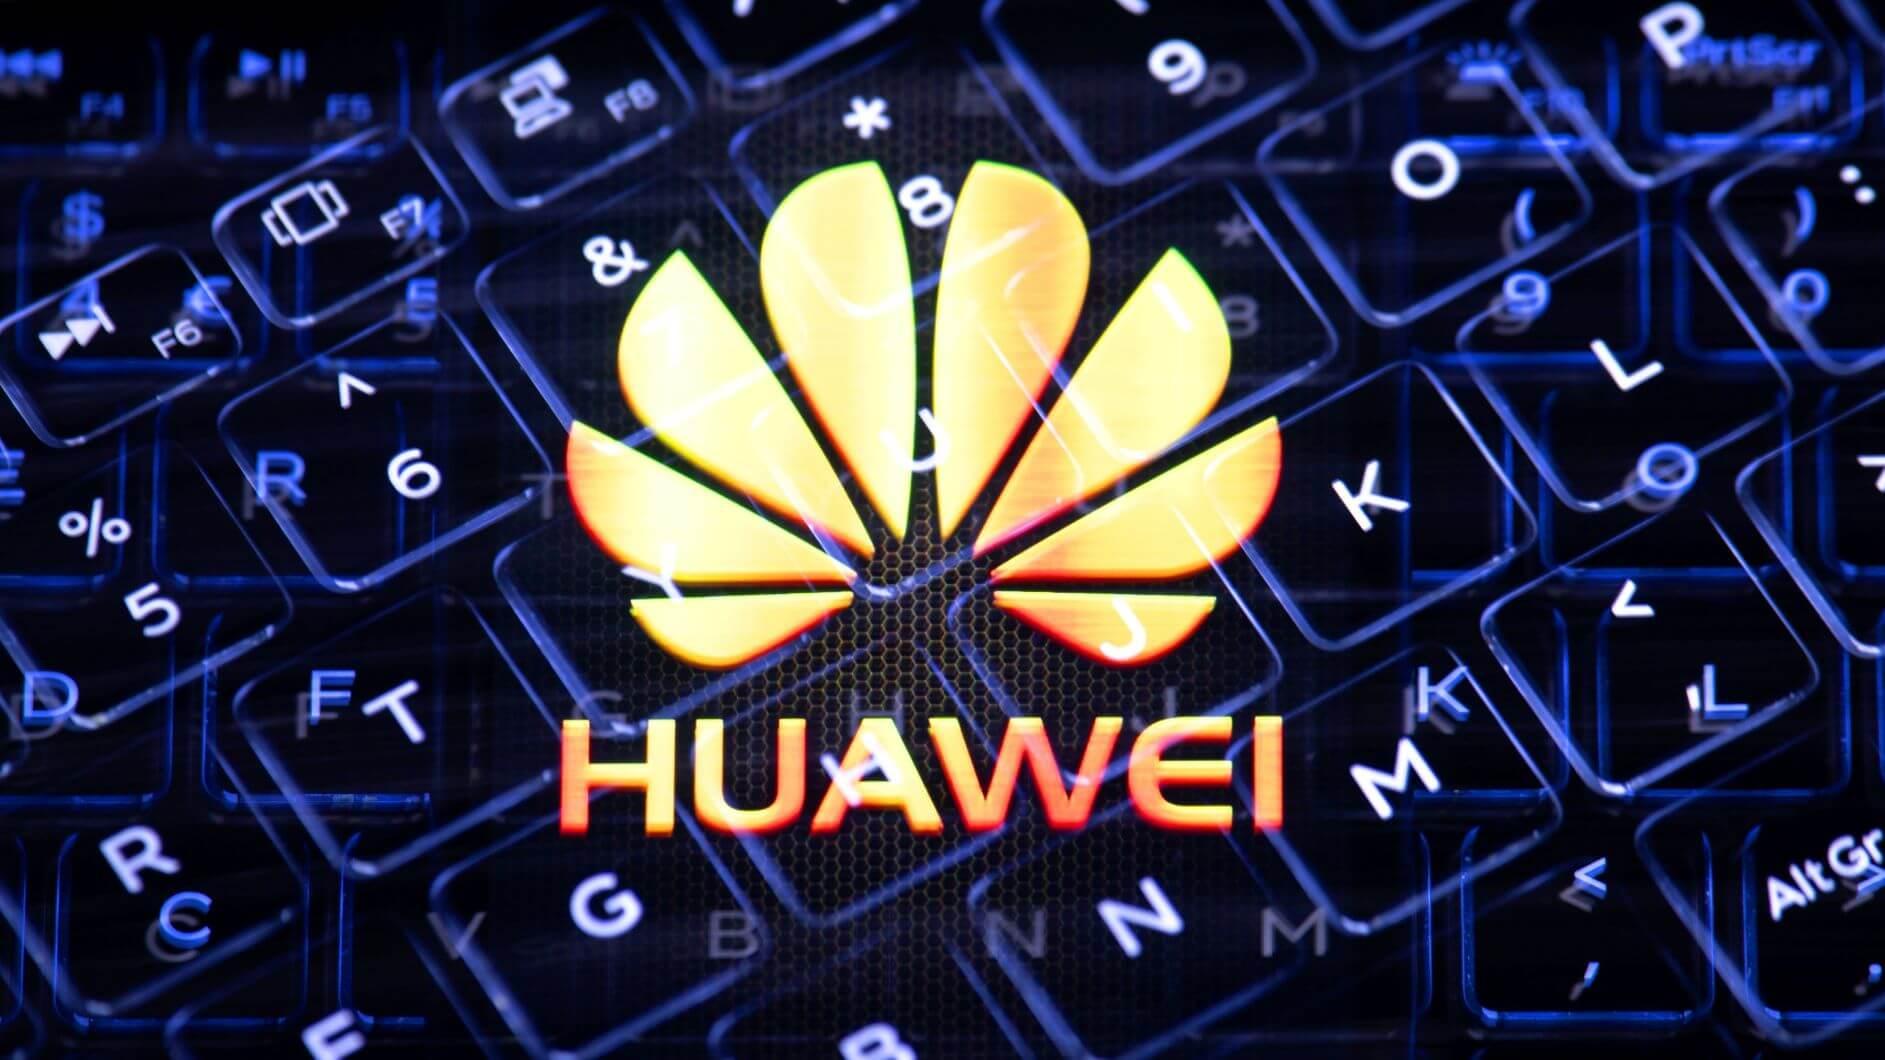 Empresas de telefonia do Reino Unido são instadas a revisar os links da Huawei sobre 'violações de direitos humanos' 11